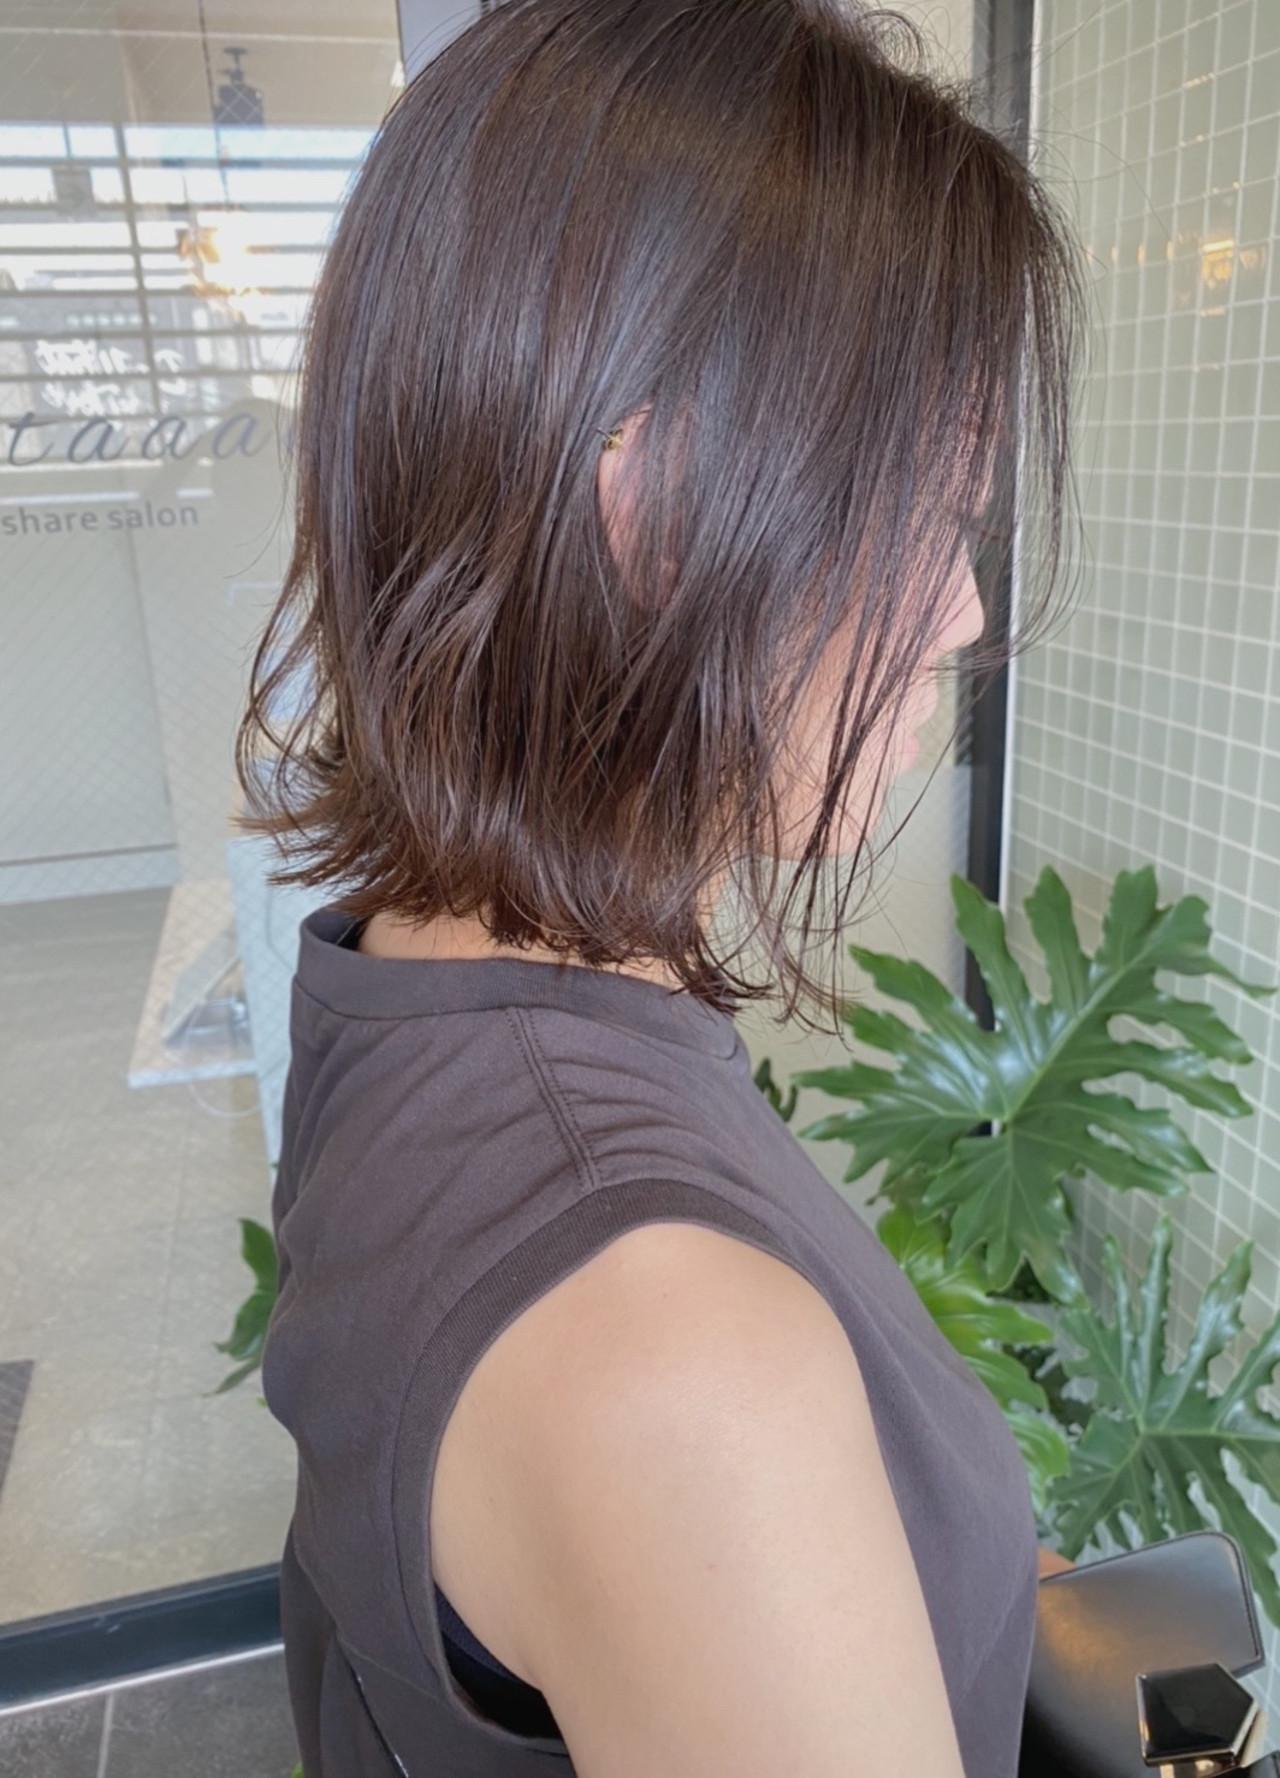 ボブ 切りっぱなしボブ 外ハネボブ ミニボブ ヘアスタイルや髪型の写真・画像 | hoshiko dai / Retaaan